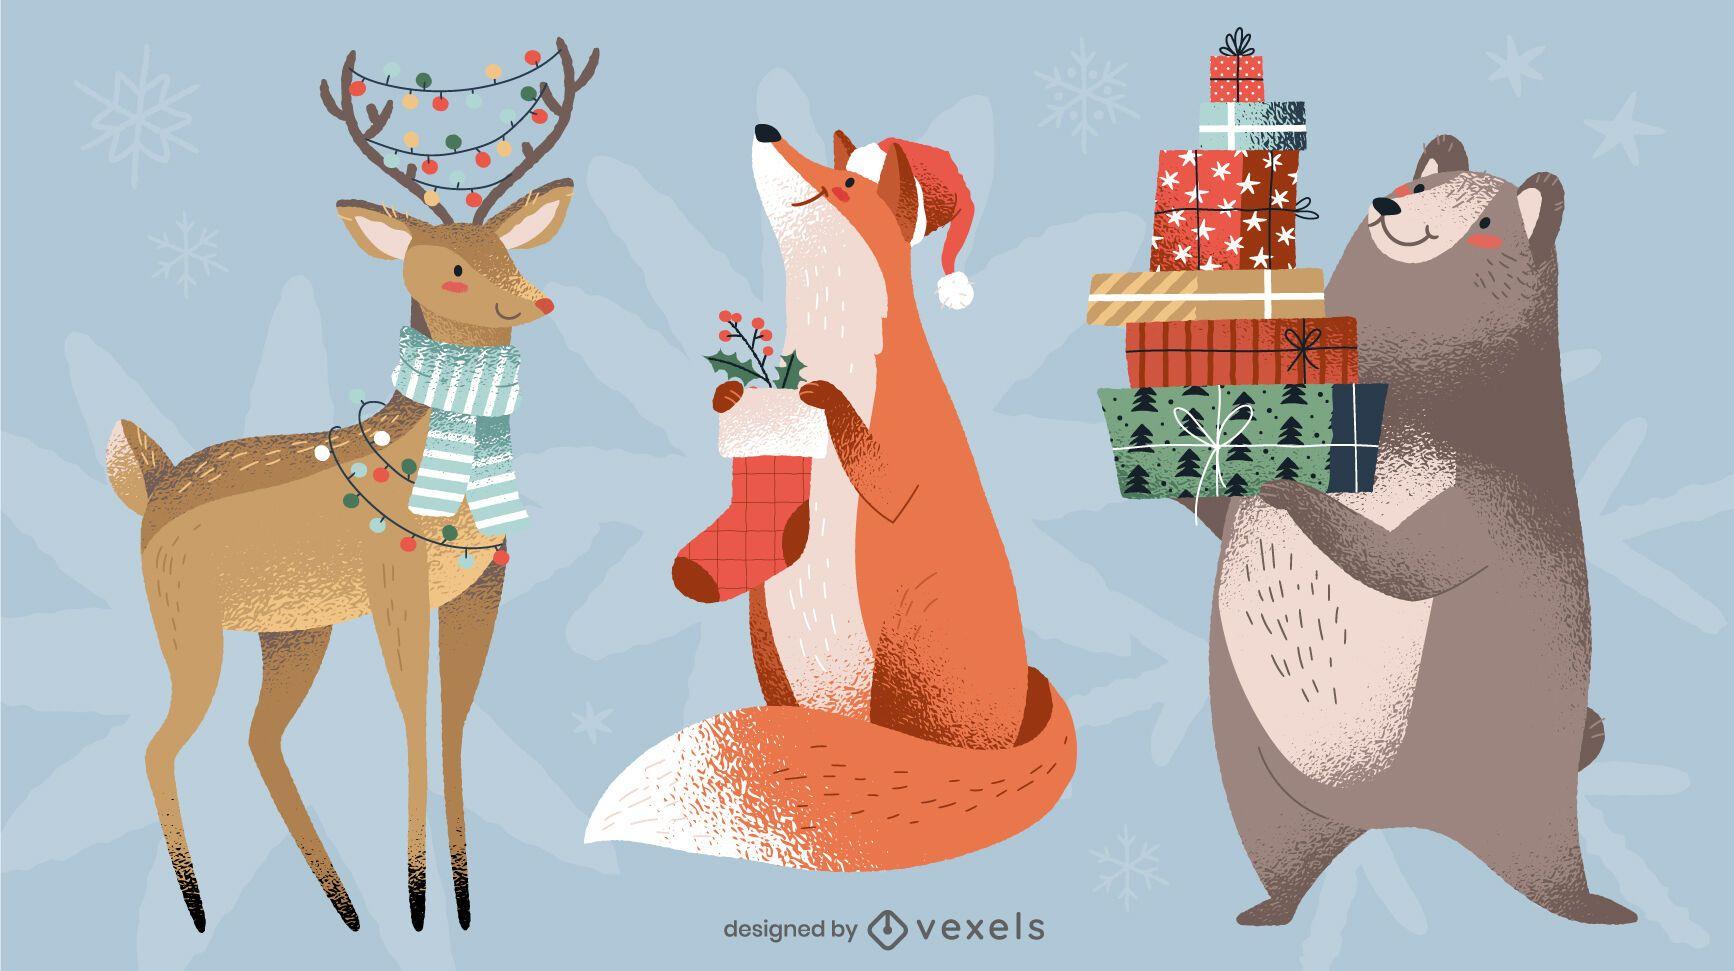 Paquete de dise?o de animales navide?os